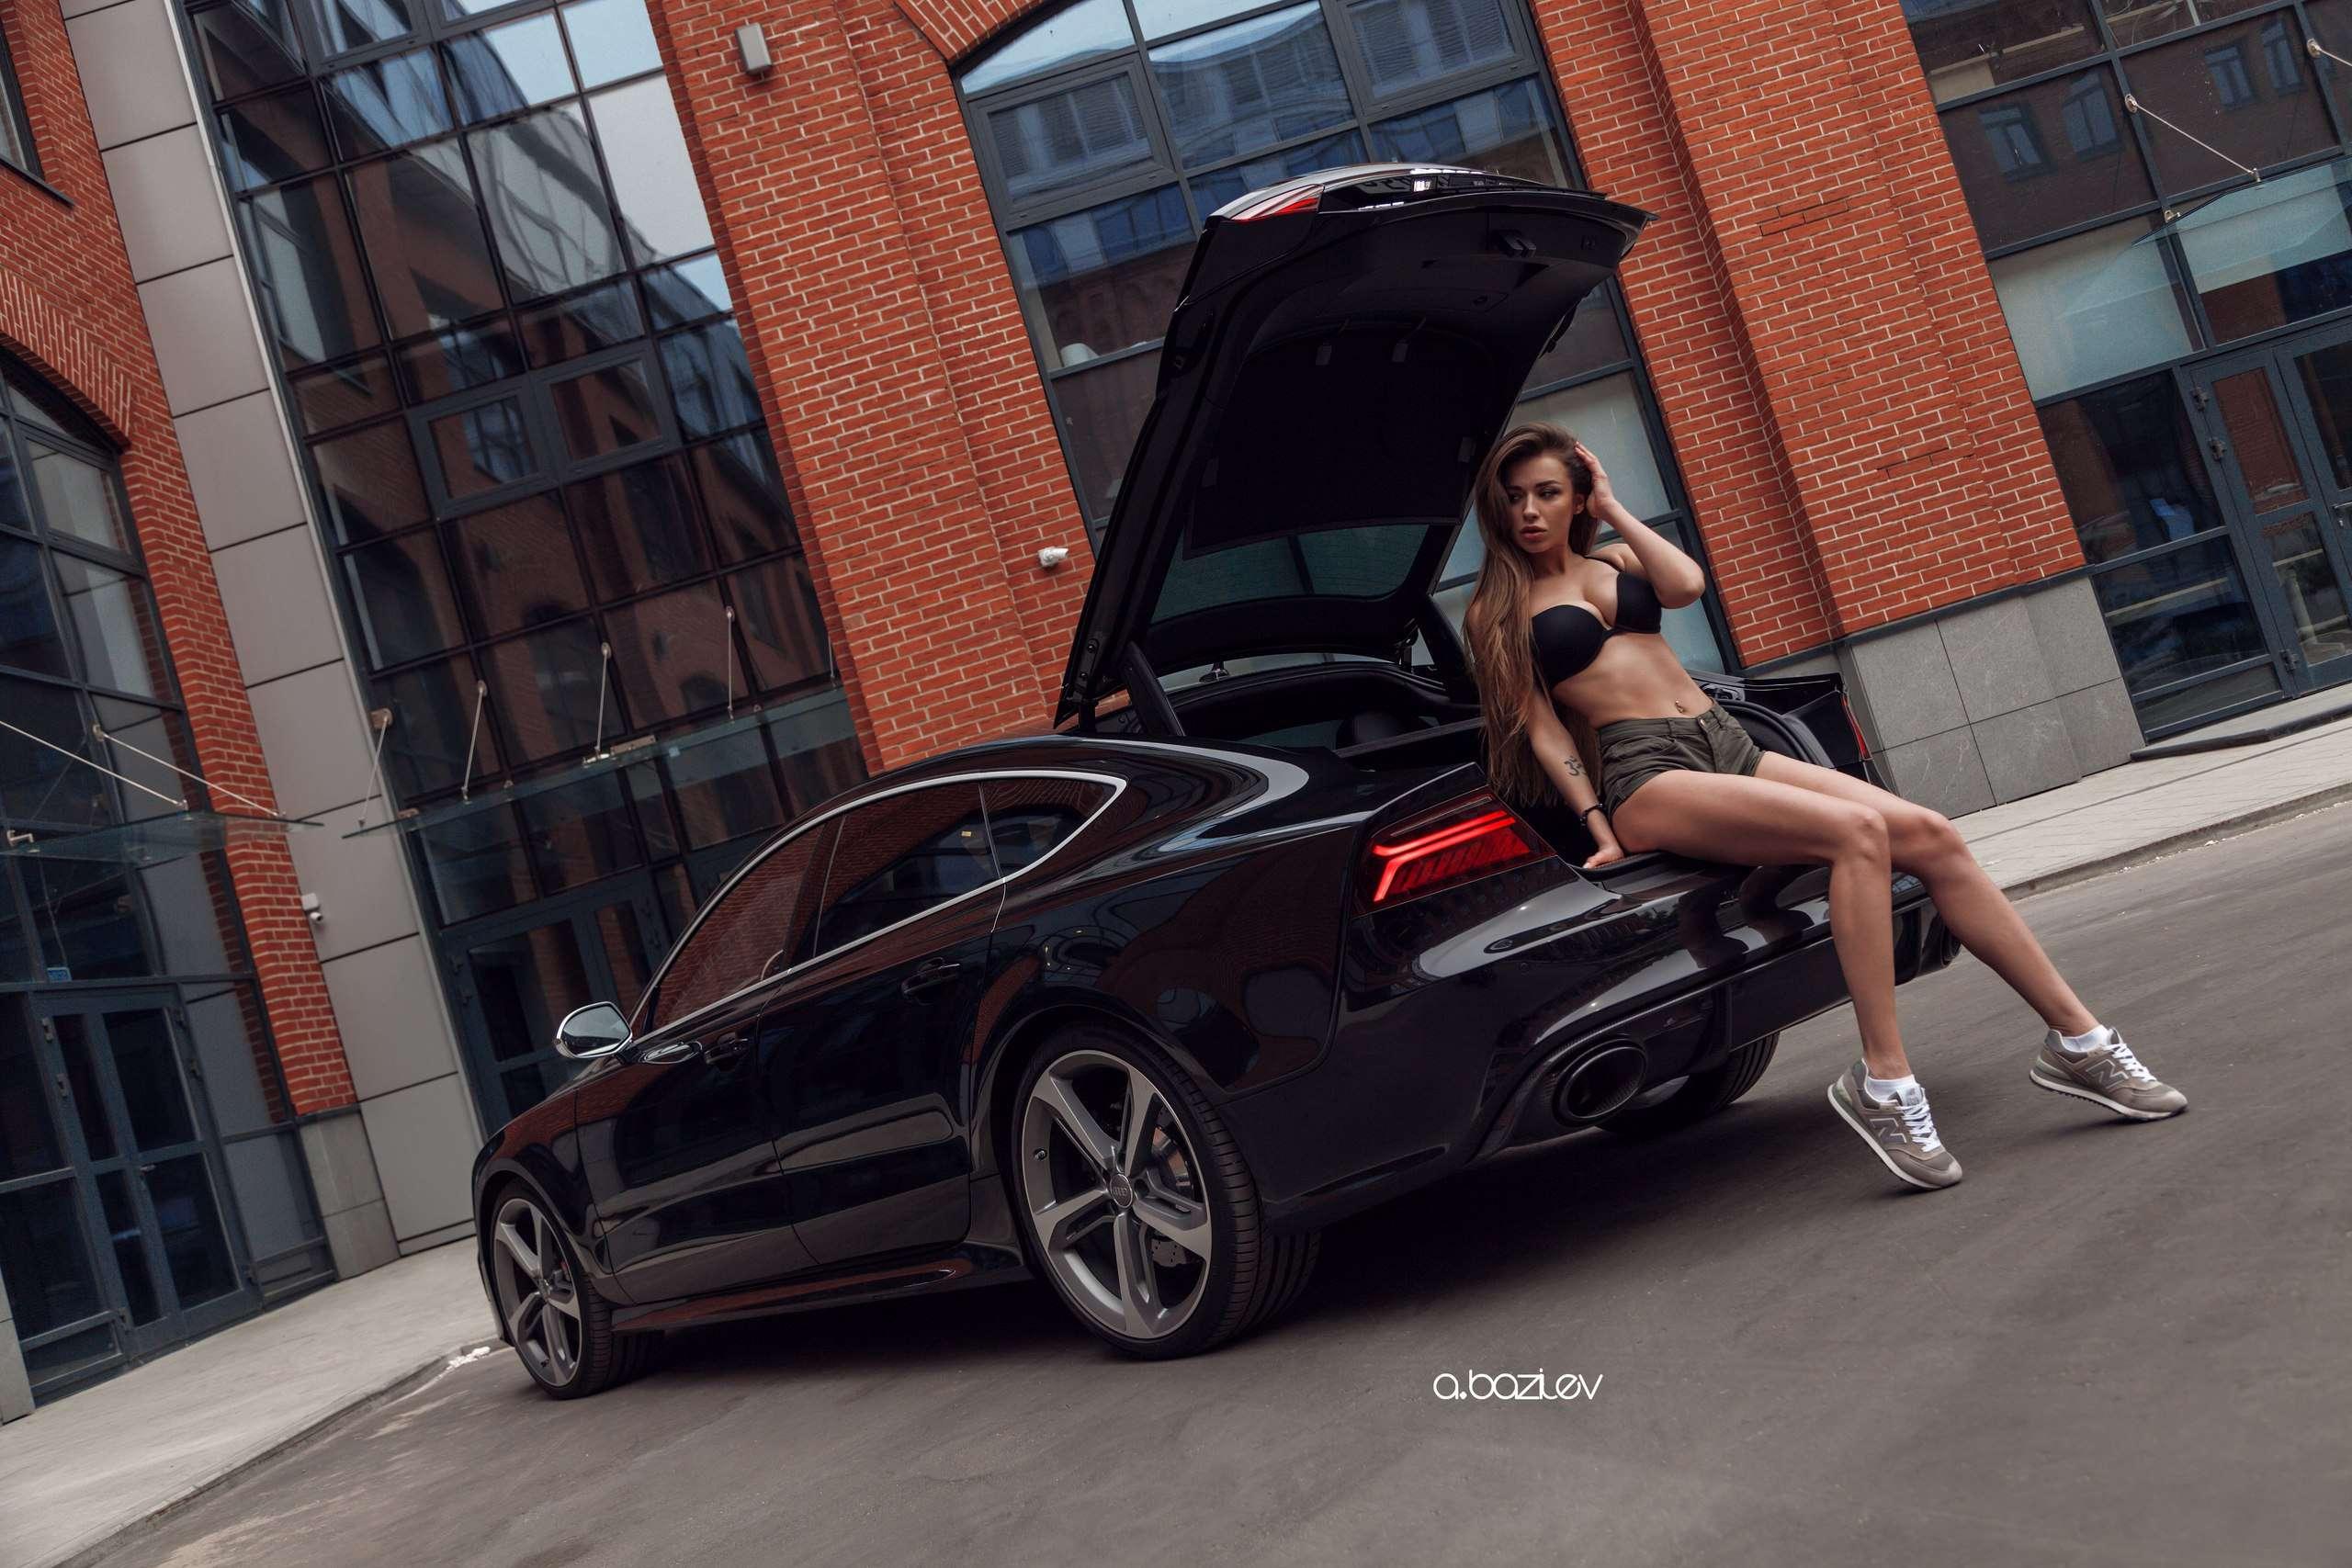 xZKy75MoalU - Сексуальные девушки и автомобили (часть 10)